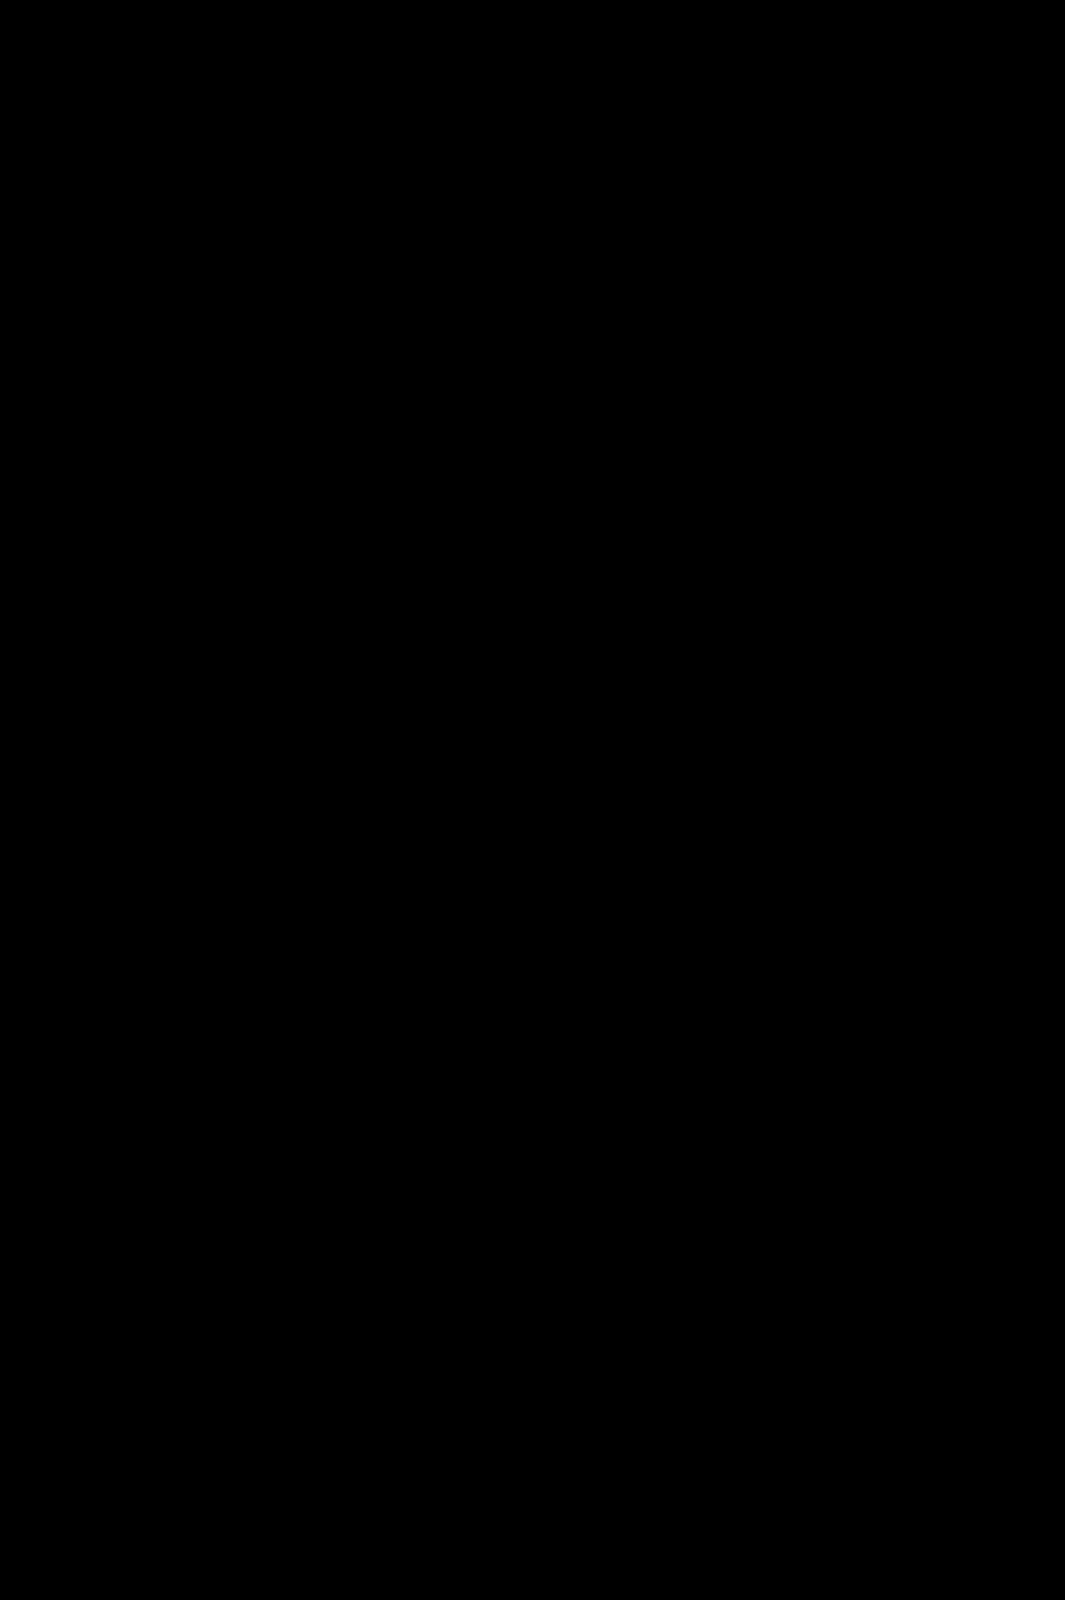 Assistenza in fase di preparazione di una volata in sotterraneo